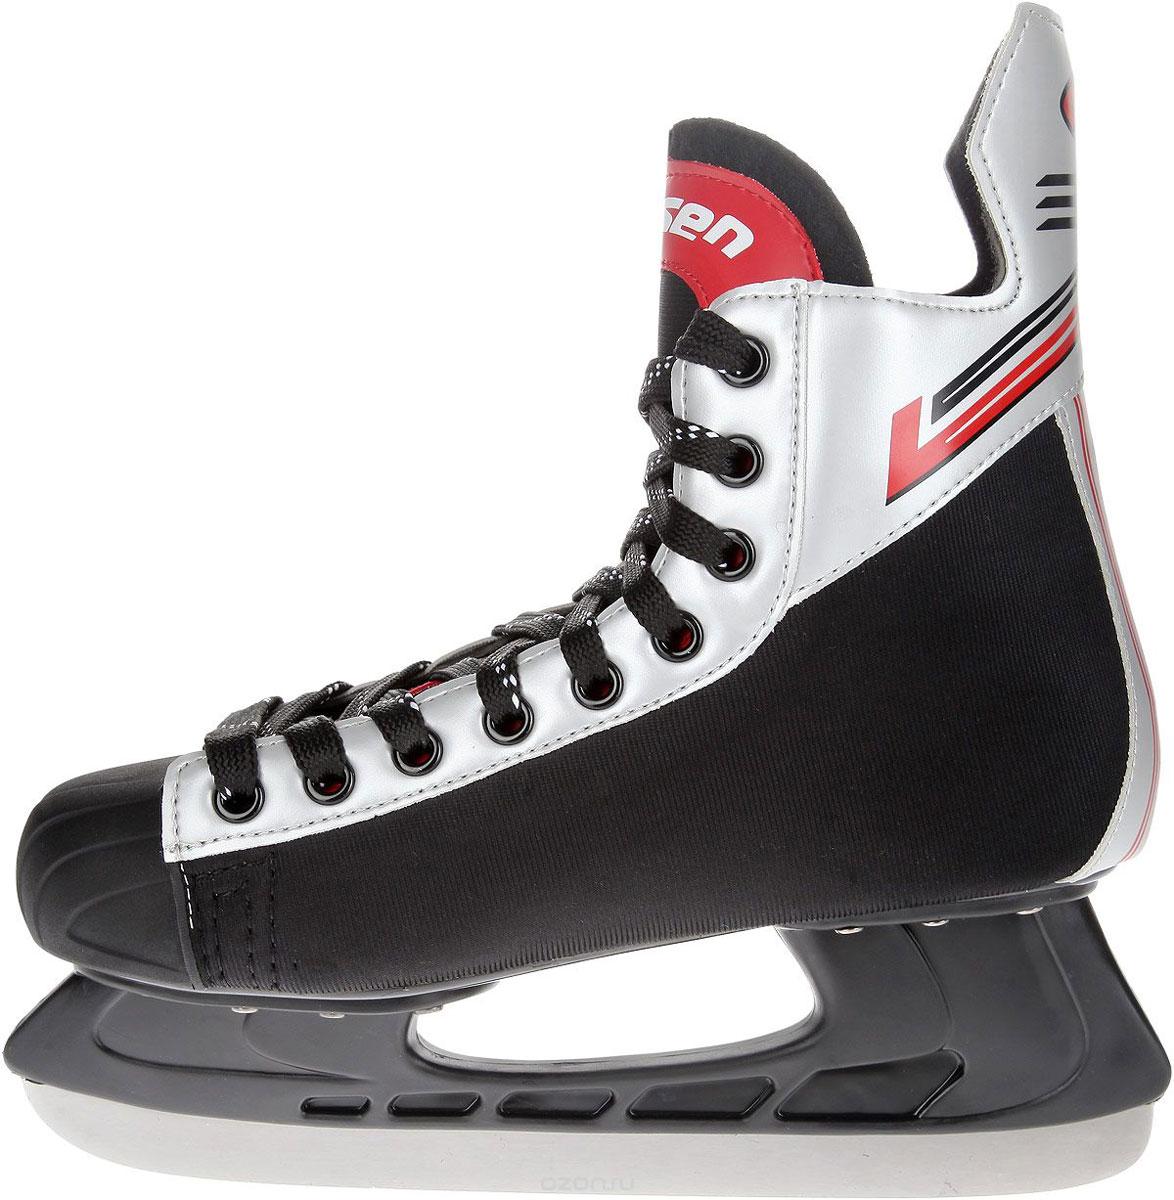 Коньки хоккейные мужские Larsen Alex, цвет: черный, серебристый, красный. Размер 36AlexСтильные коньки Alex от Larsen прекрасно подойдут для начинающих игроков в хоккей. Ботинок выполнен из нейлона и морозоустойчивого поливинилхлорида. Мыс дополнен вставкой из полиуретана, которая защитит ноги от ударов. Внутренний слой изготовлен из мягкого текстиля, который обеспечит тепло и комфорт во время катания, язычок - из войлока. Плотная шнуровка надежно фиксирует модель на ноге. Голеностоп имеет удобный суппорт. Стелька из EVA с текстильной поверхностью обеспечит комфортное катание. Стойка выполнена из ударопрочного полипропилена. Лезвие из нержавеющей стали обеспечит превосходное скольжение. В комплект входят пластиковые чехлы для лезвий.